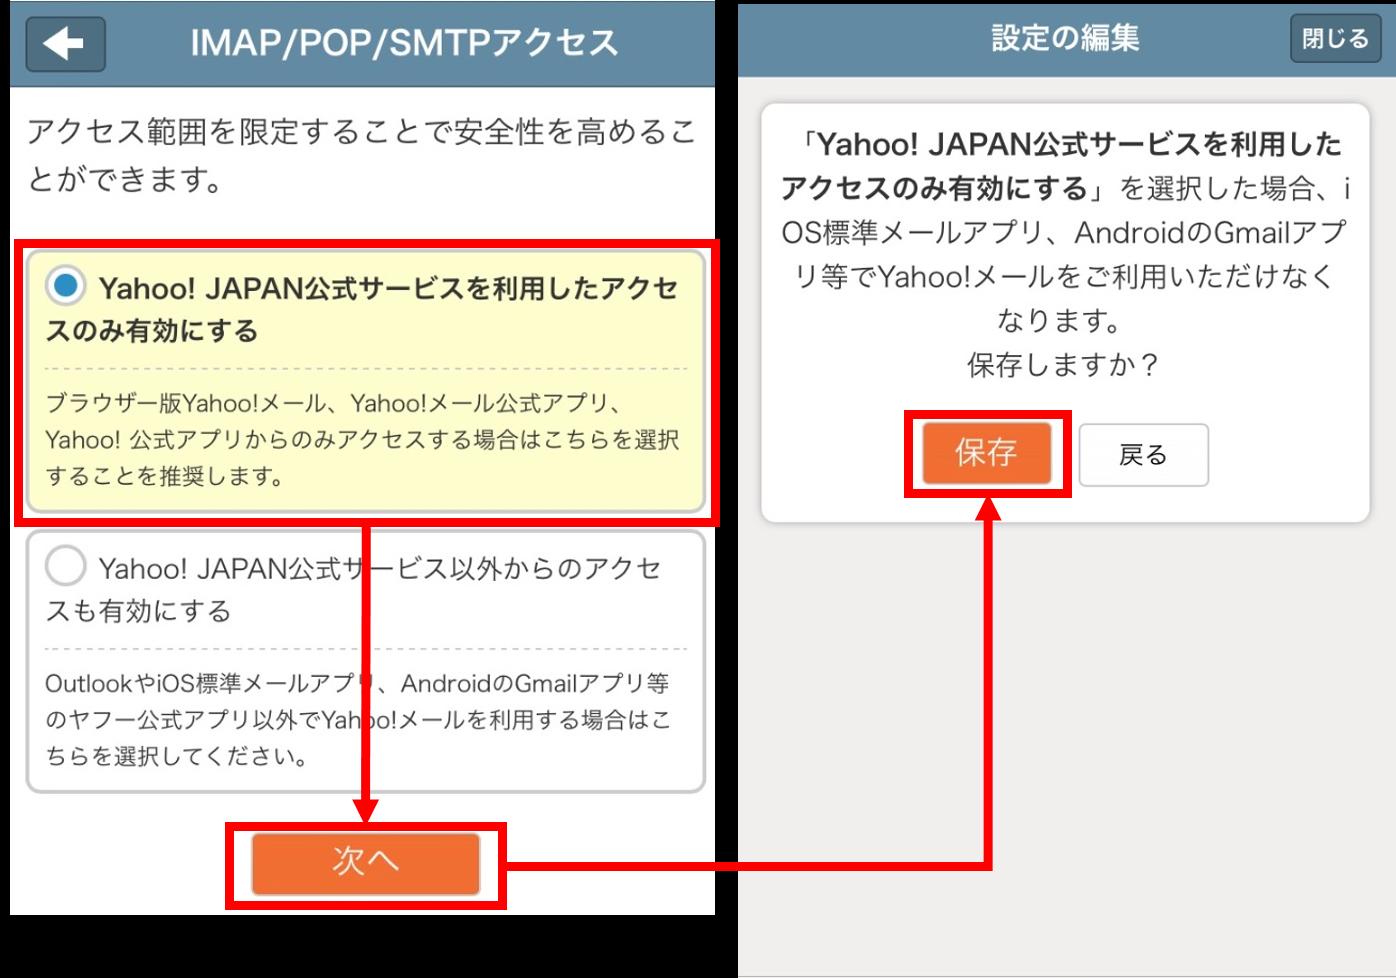 「IMAP/POP/SMTPアクセス」の設定画面。「Yahoo! JAPAN公式サービスを利用したアクセスのみ有効にする」が選択されている。